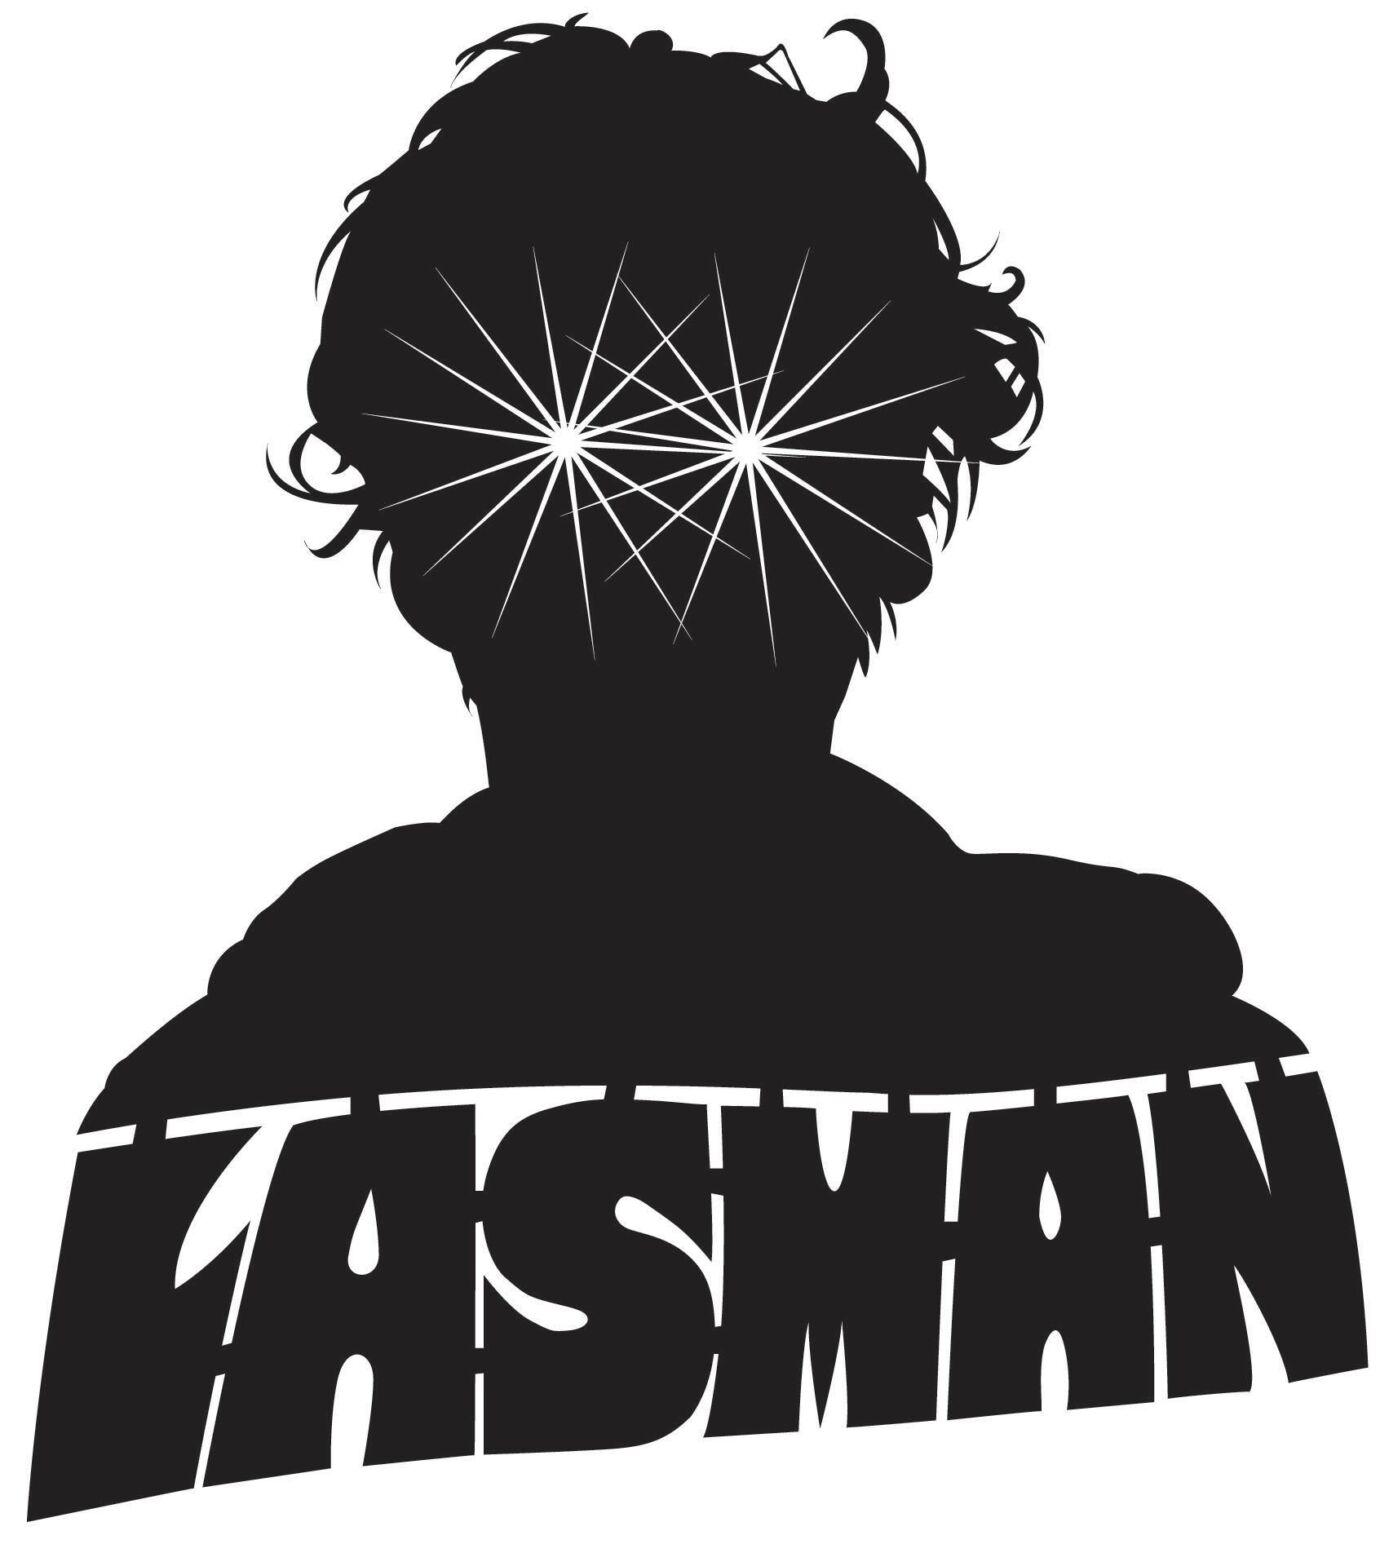 Lasman